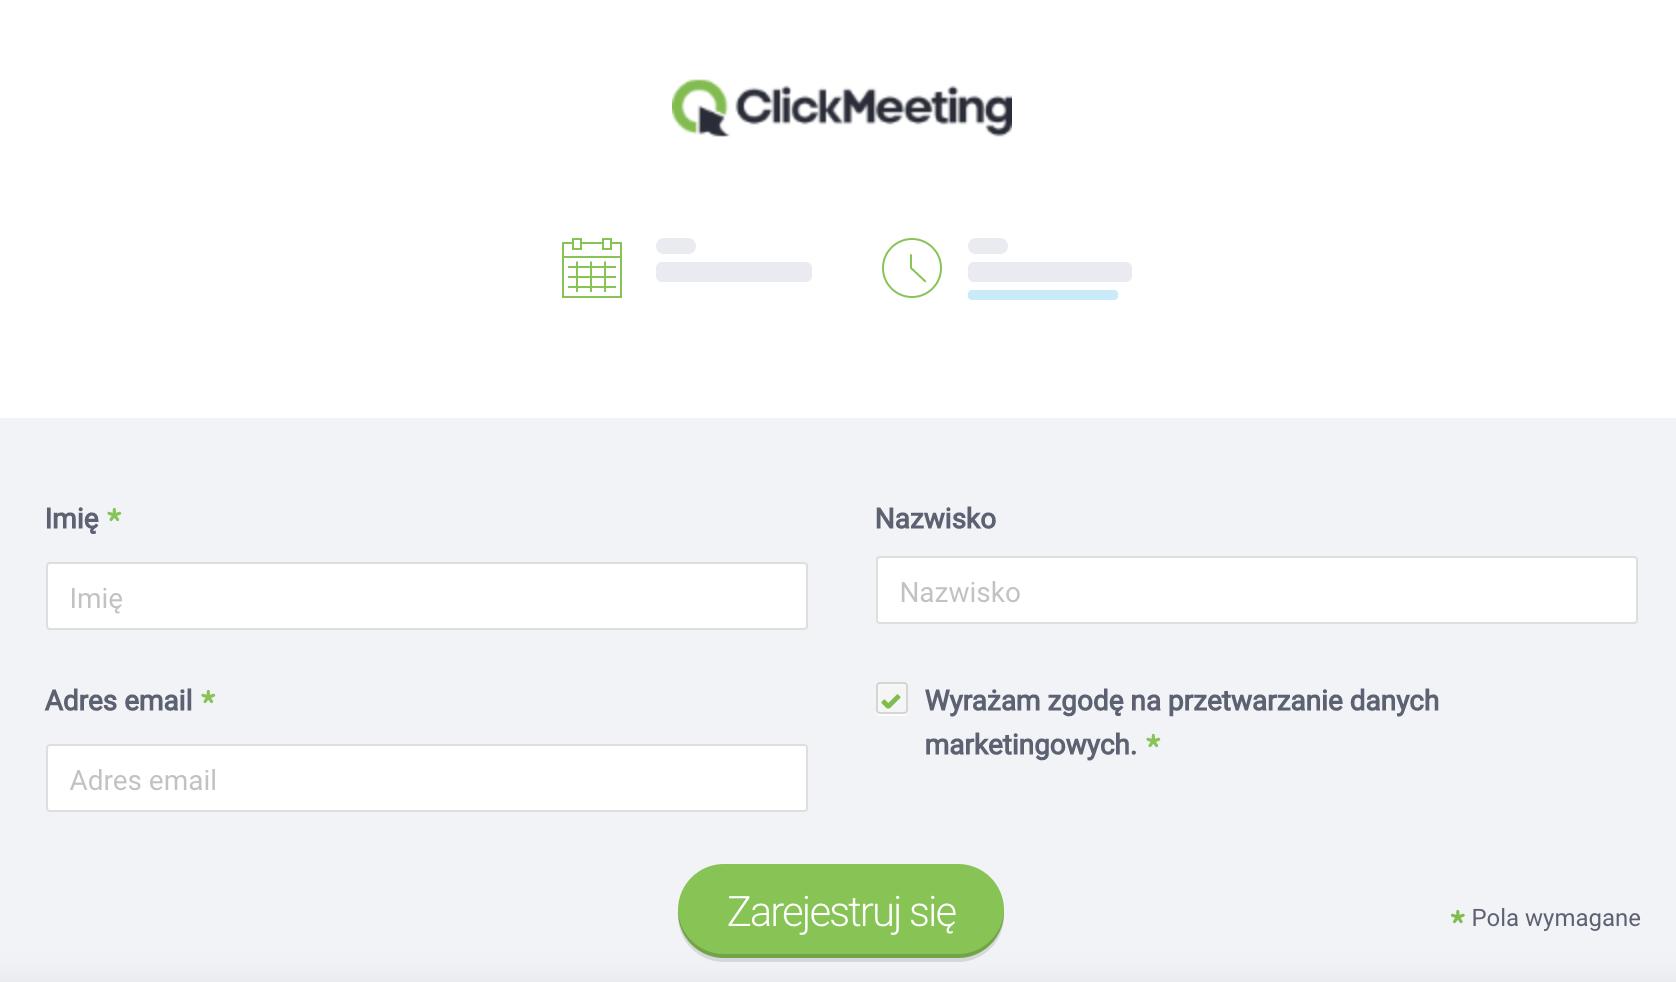 webinar screen 2